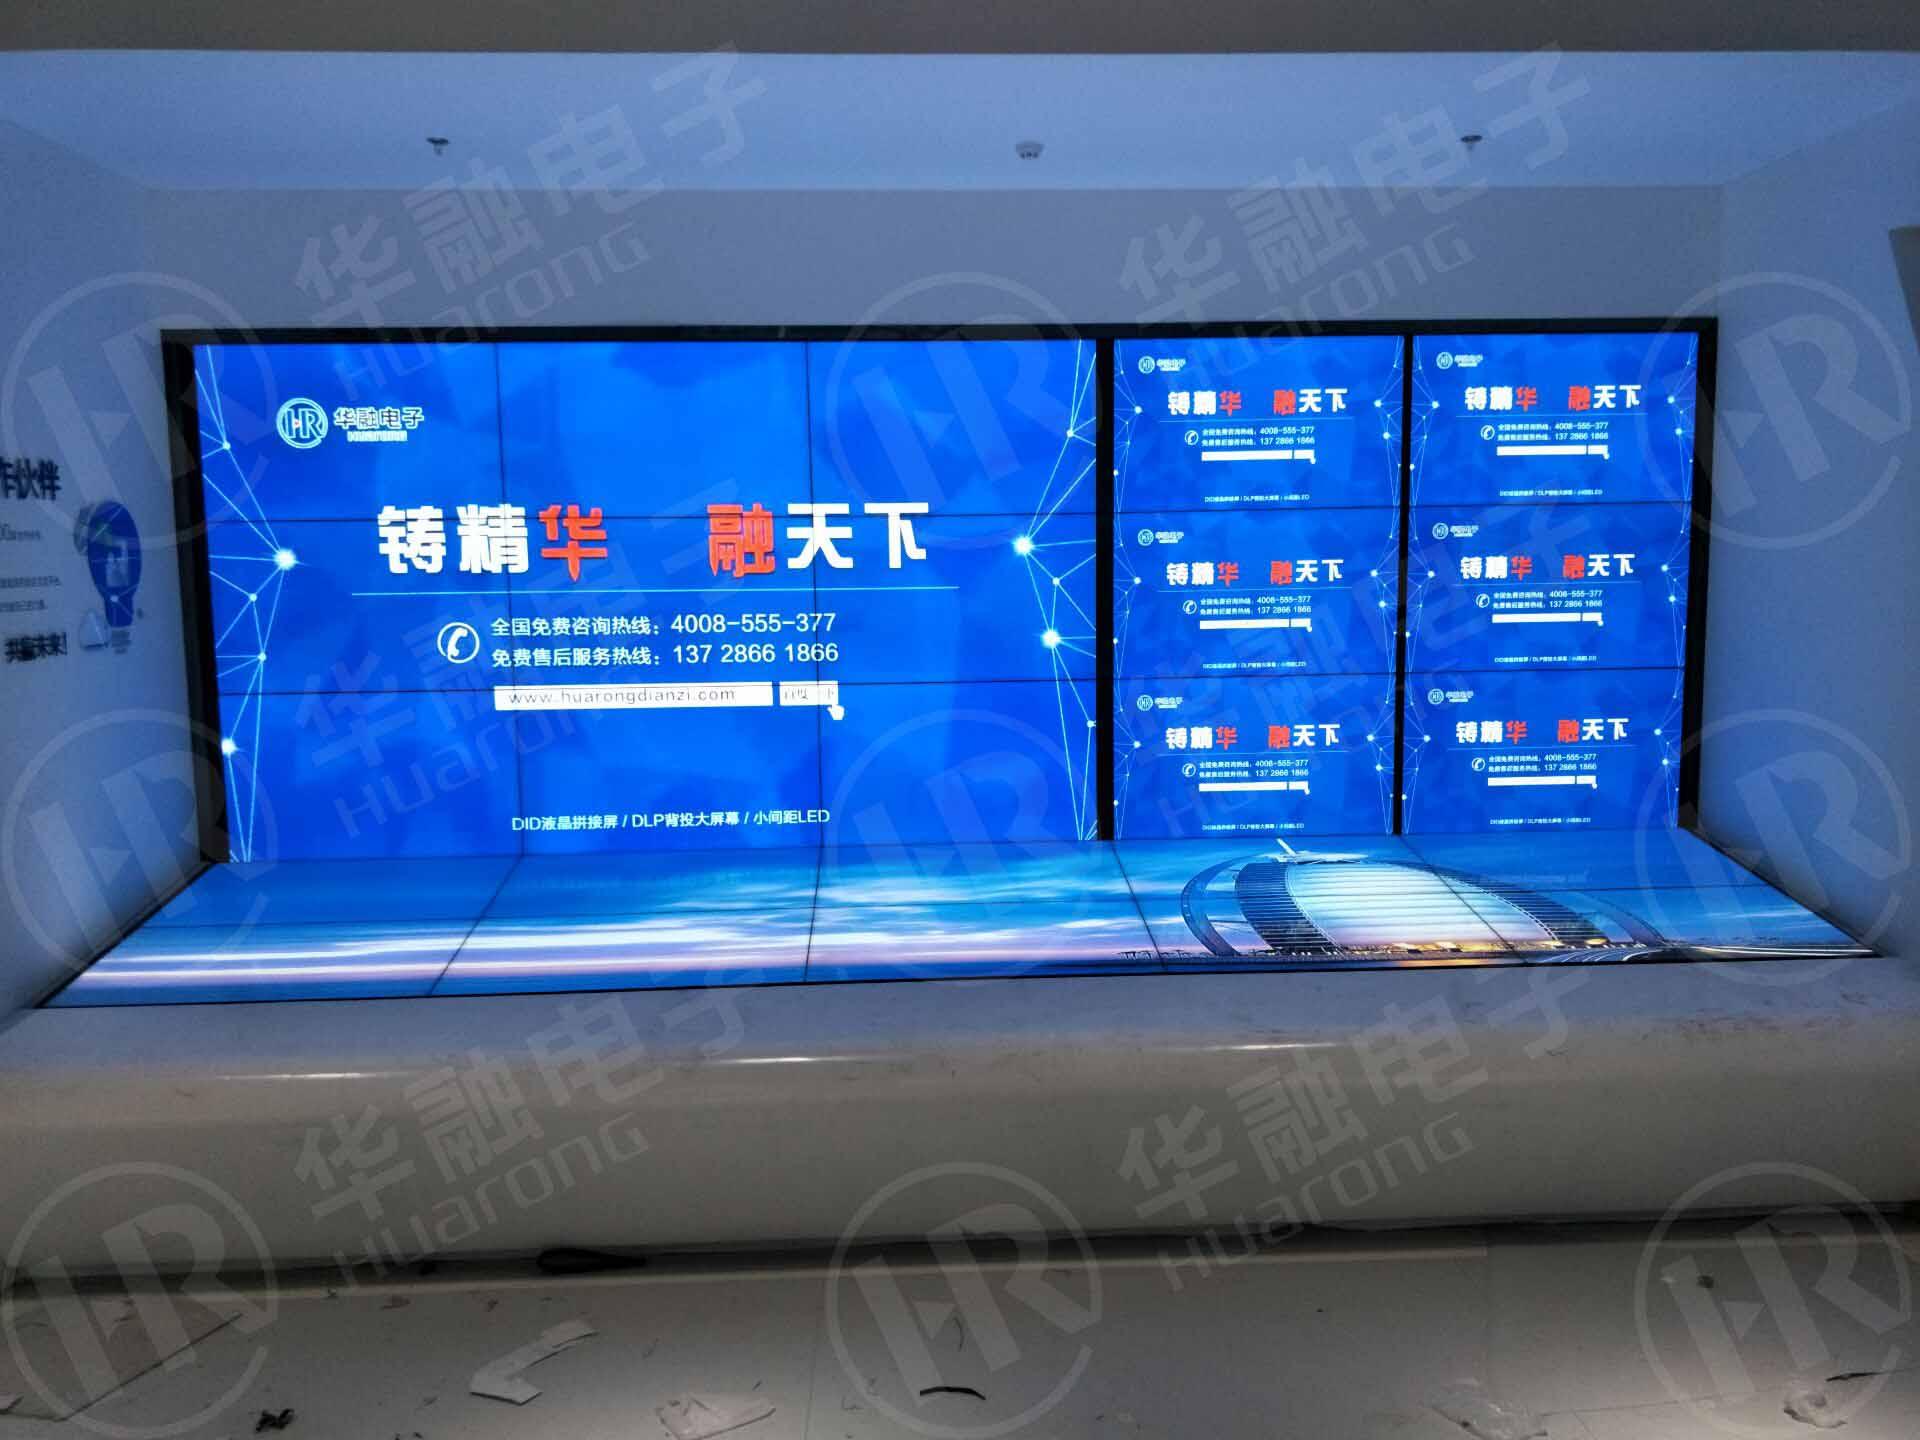 液晶拼接屏-延安华为云计算数据中心